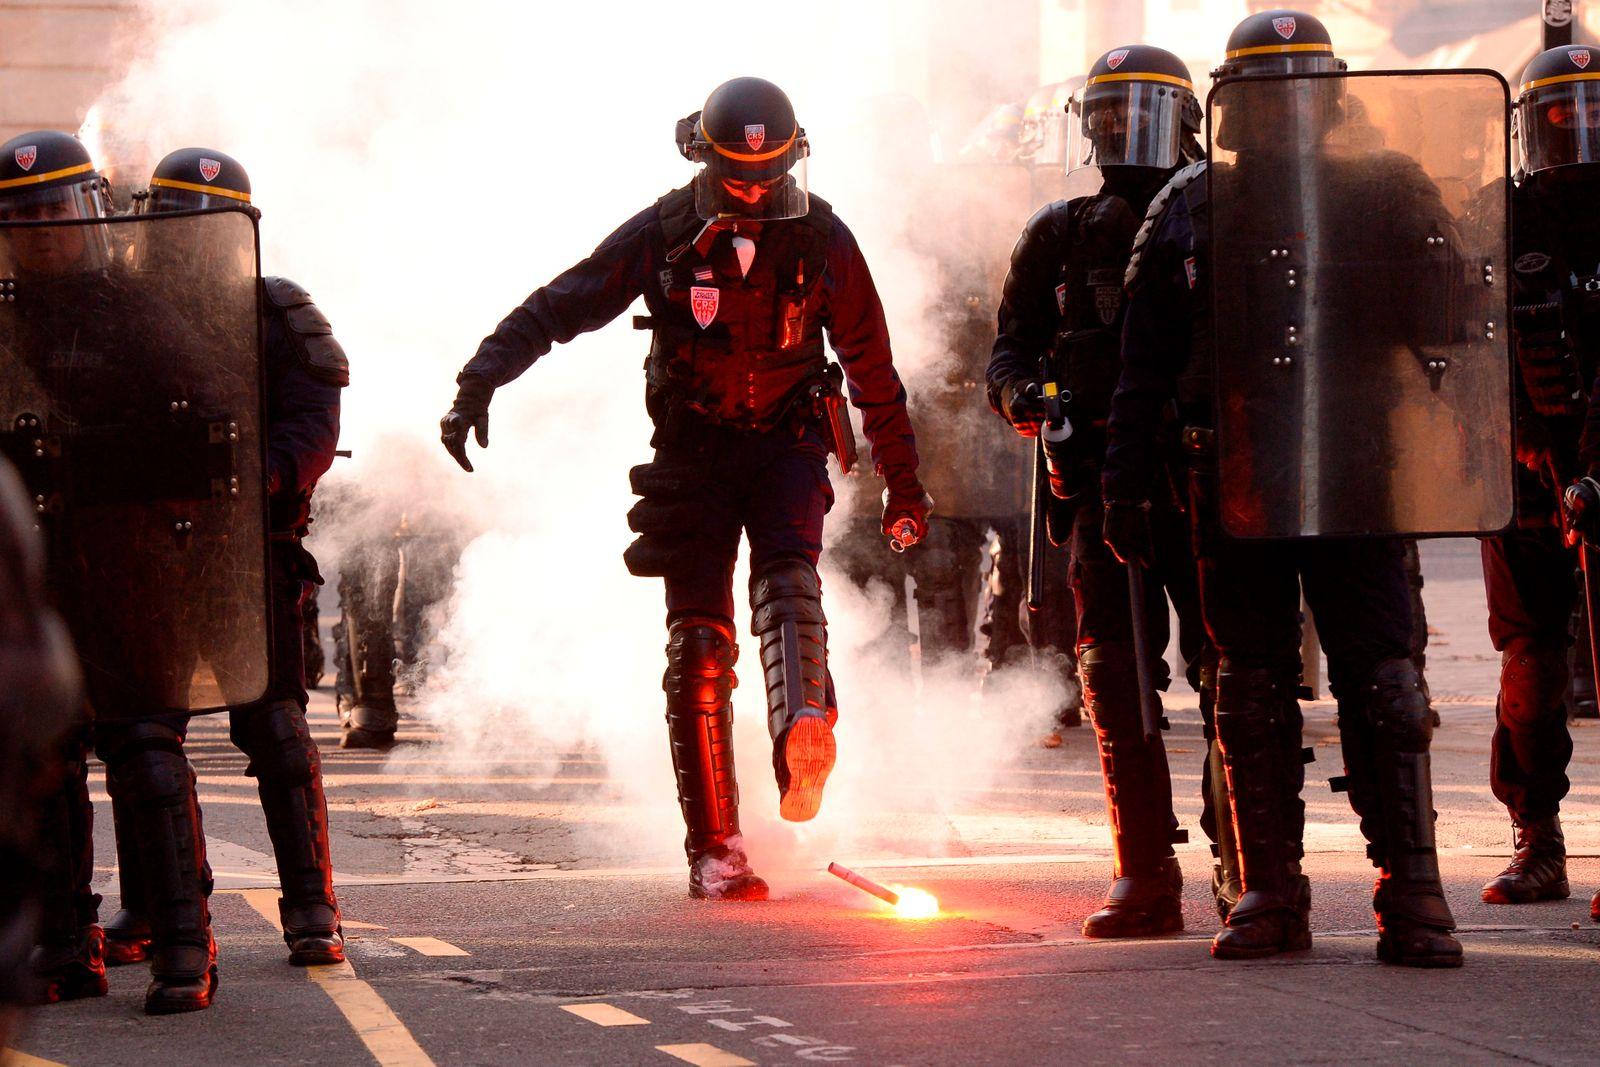 Streik/ Frankreich/ 2019